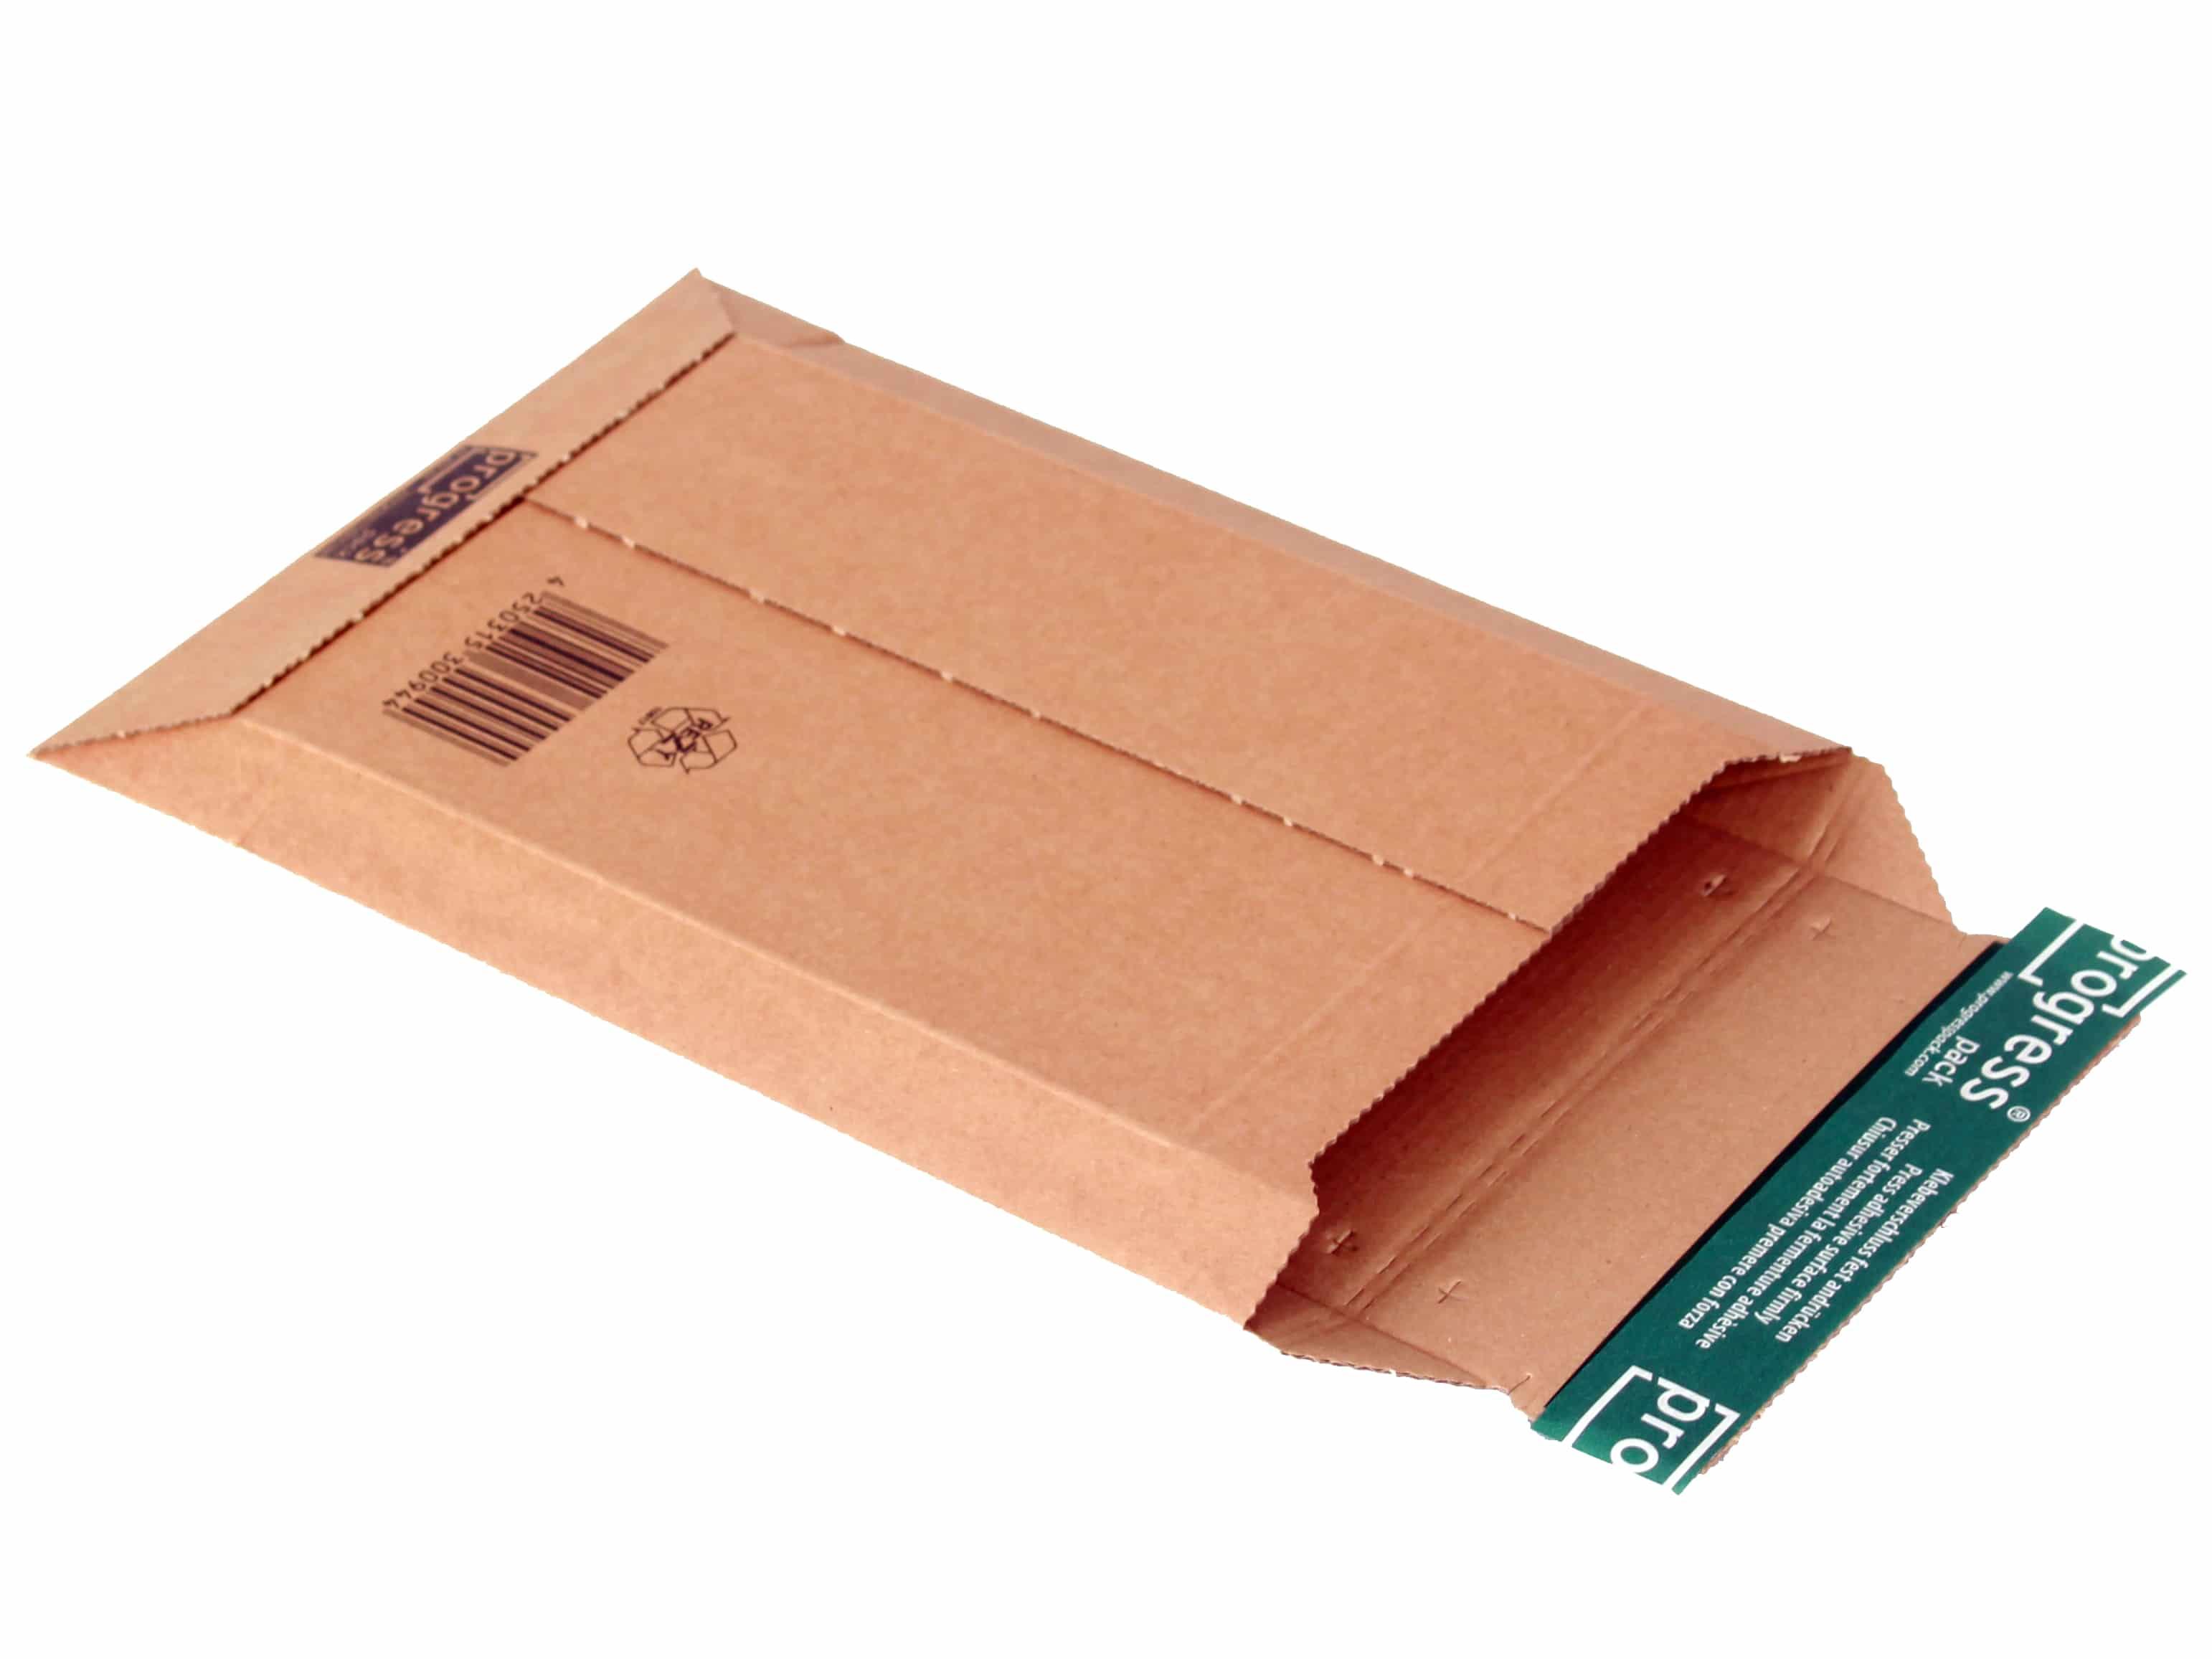 Kartonnen enveloppen Premium - 187 x 272 x 0-50mm (100 st)